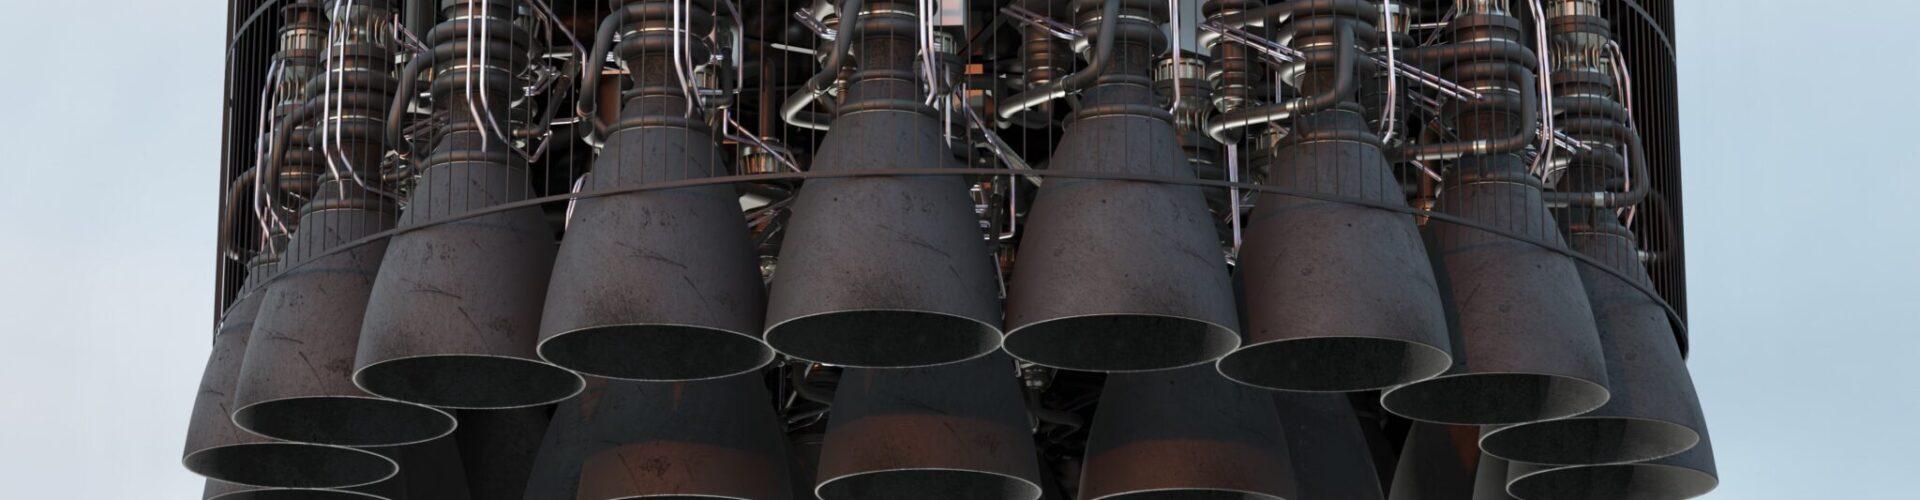 За една нощ SpaceX инсталира 29 ракетни двигателя на ракетата Super Heavy